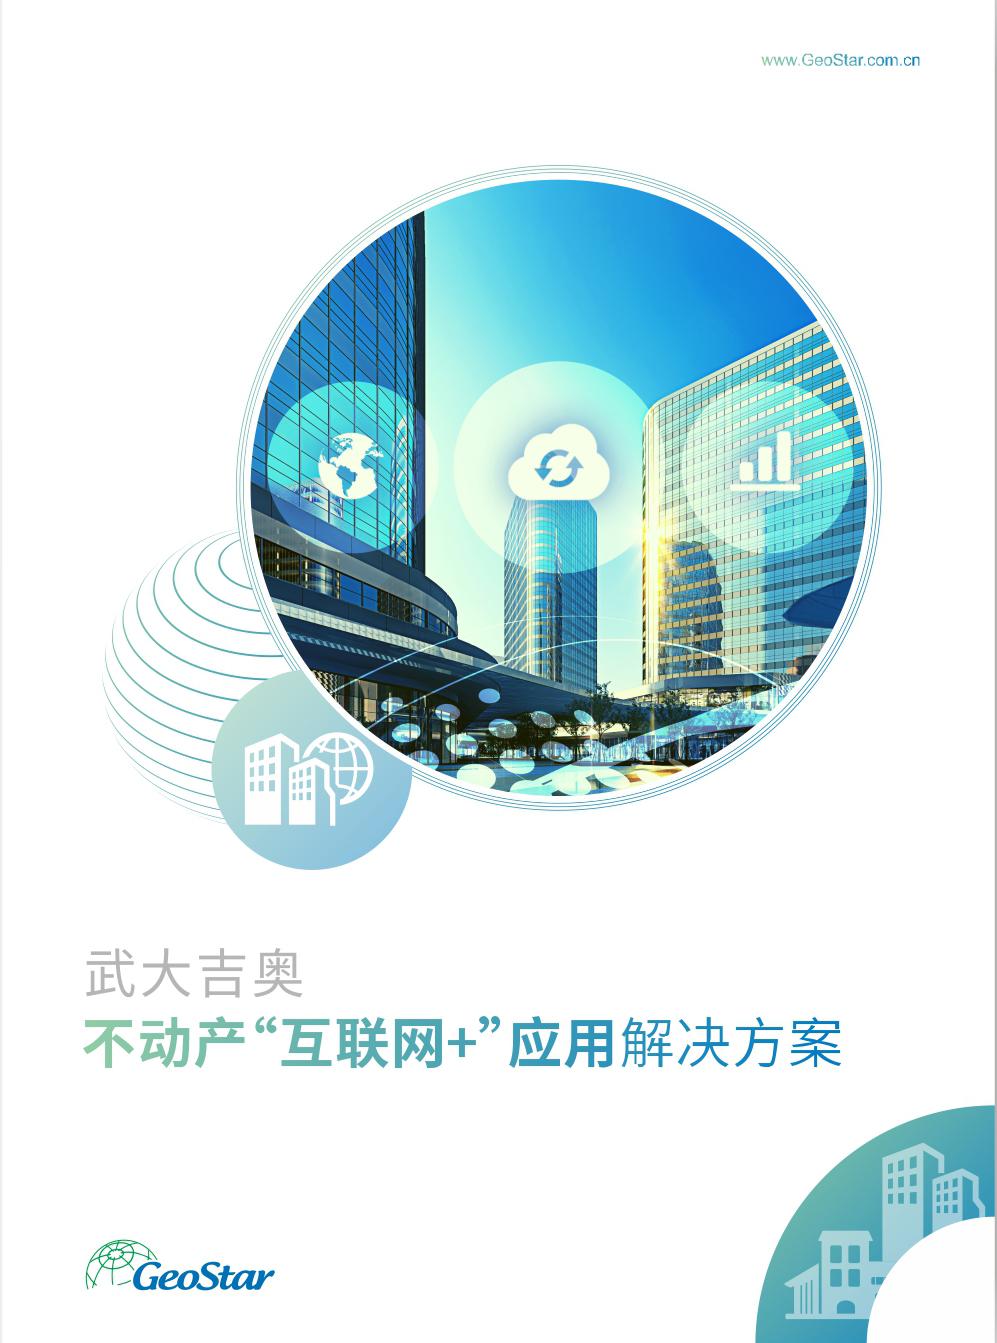 武大吉奧不動產互聯網-產品解決方案-封面